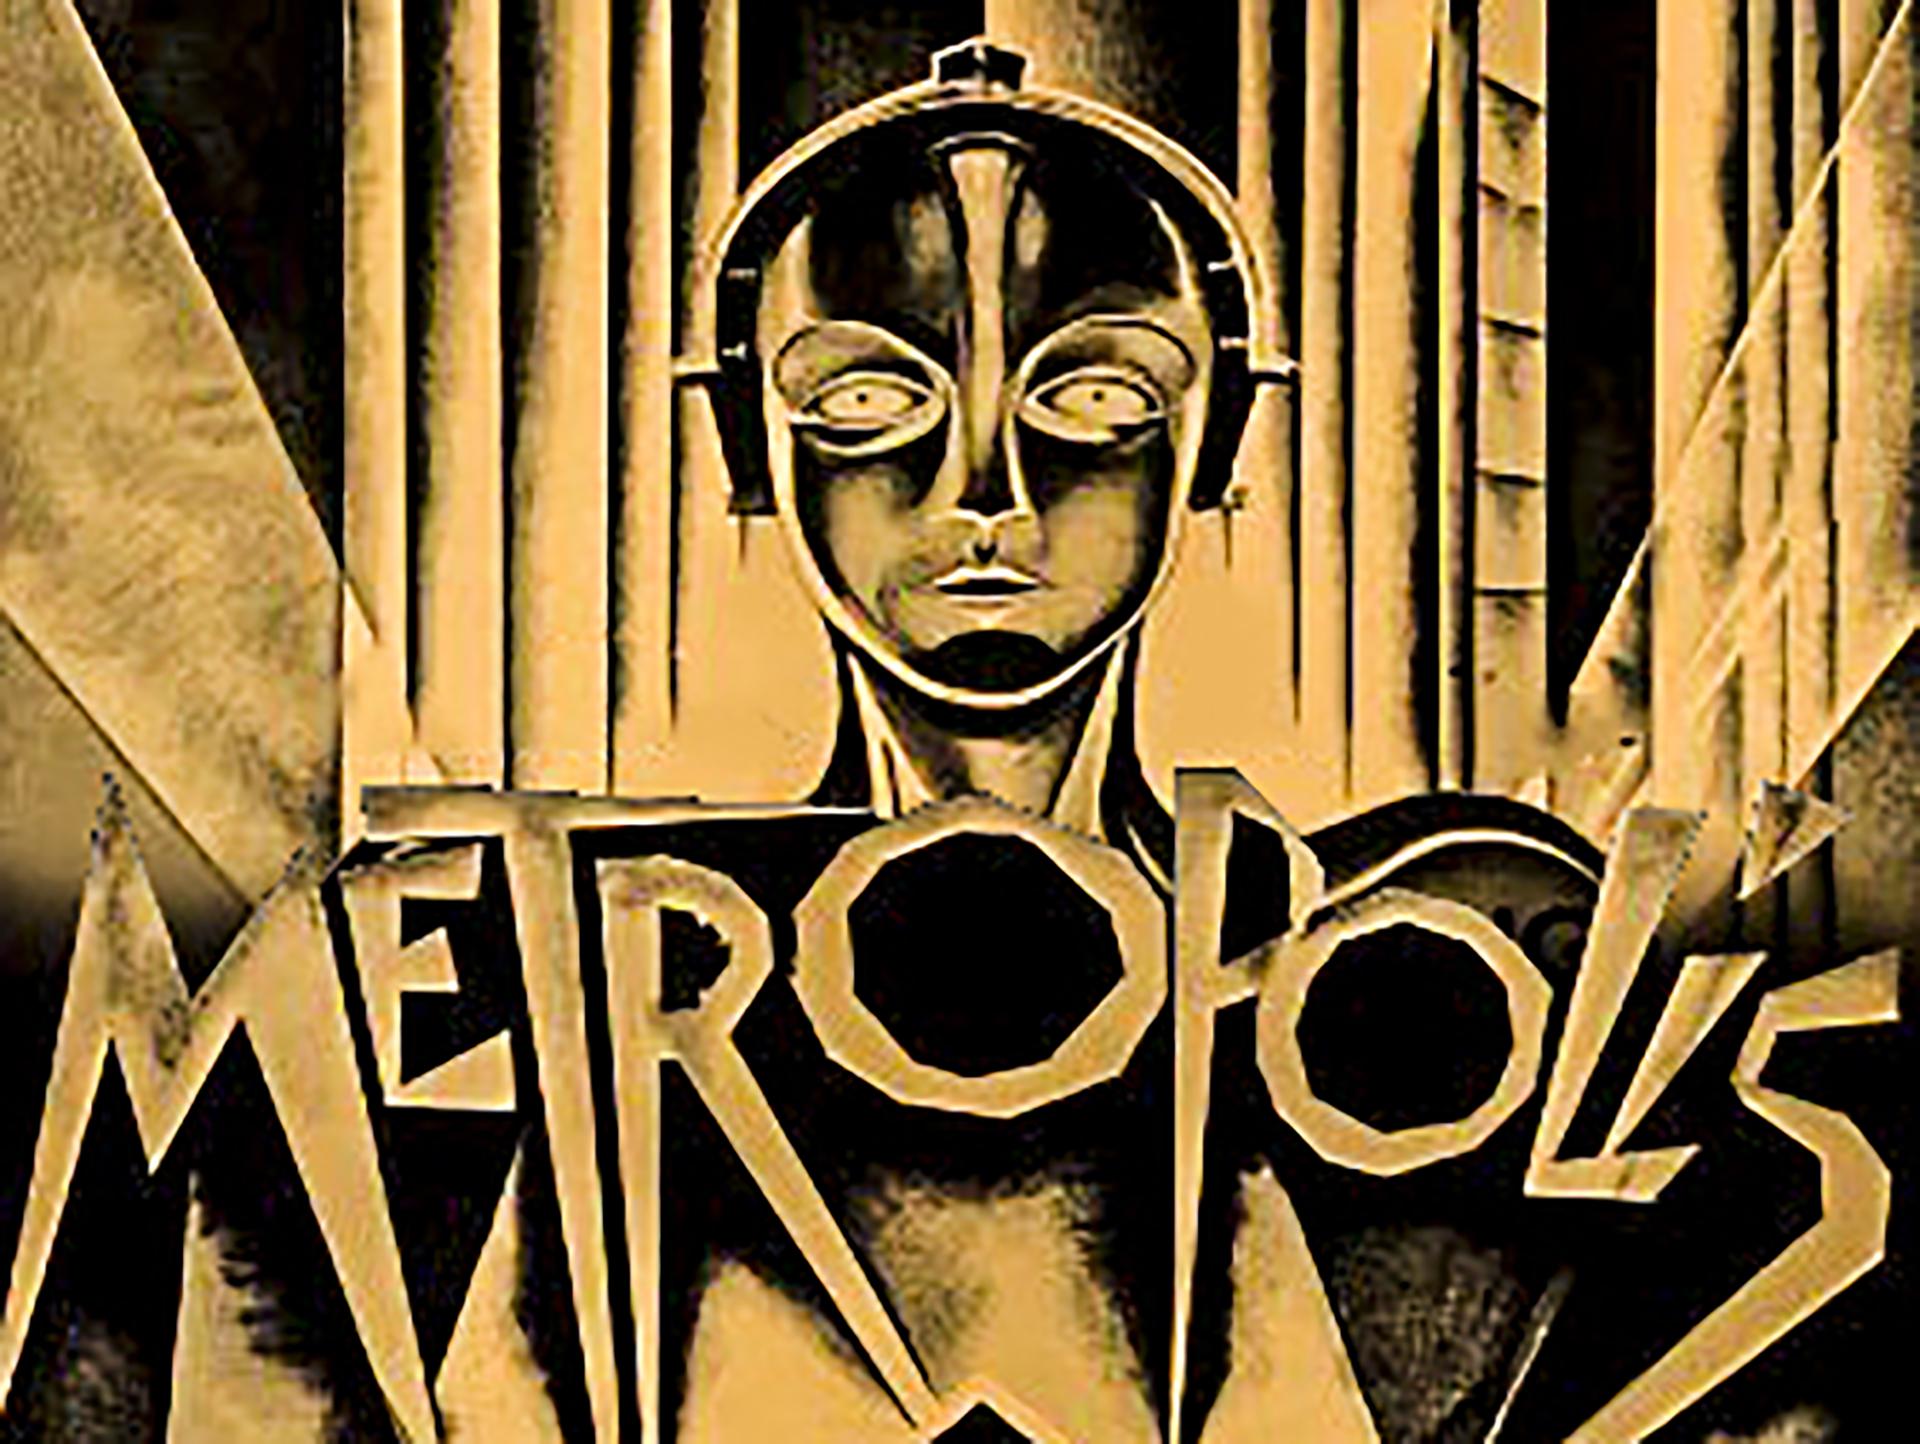 Metropolis movie 2017